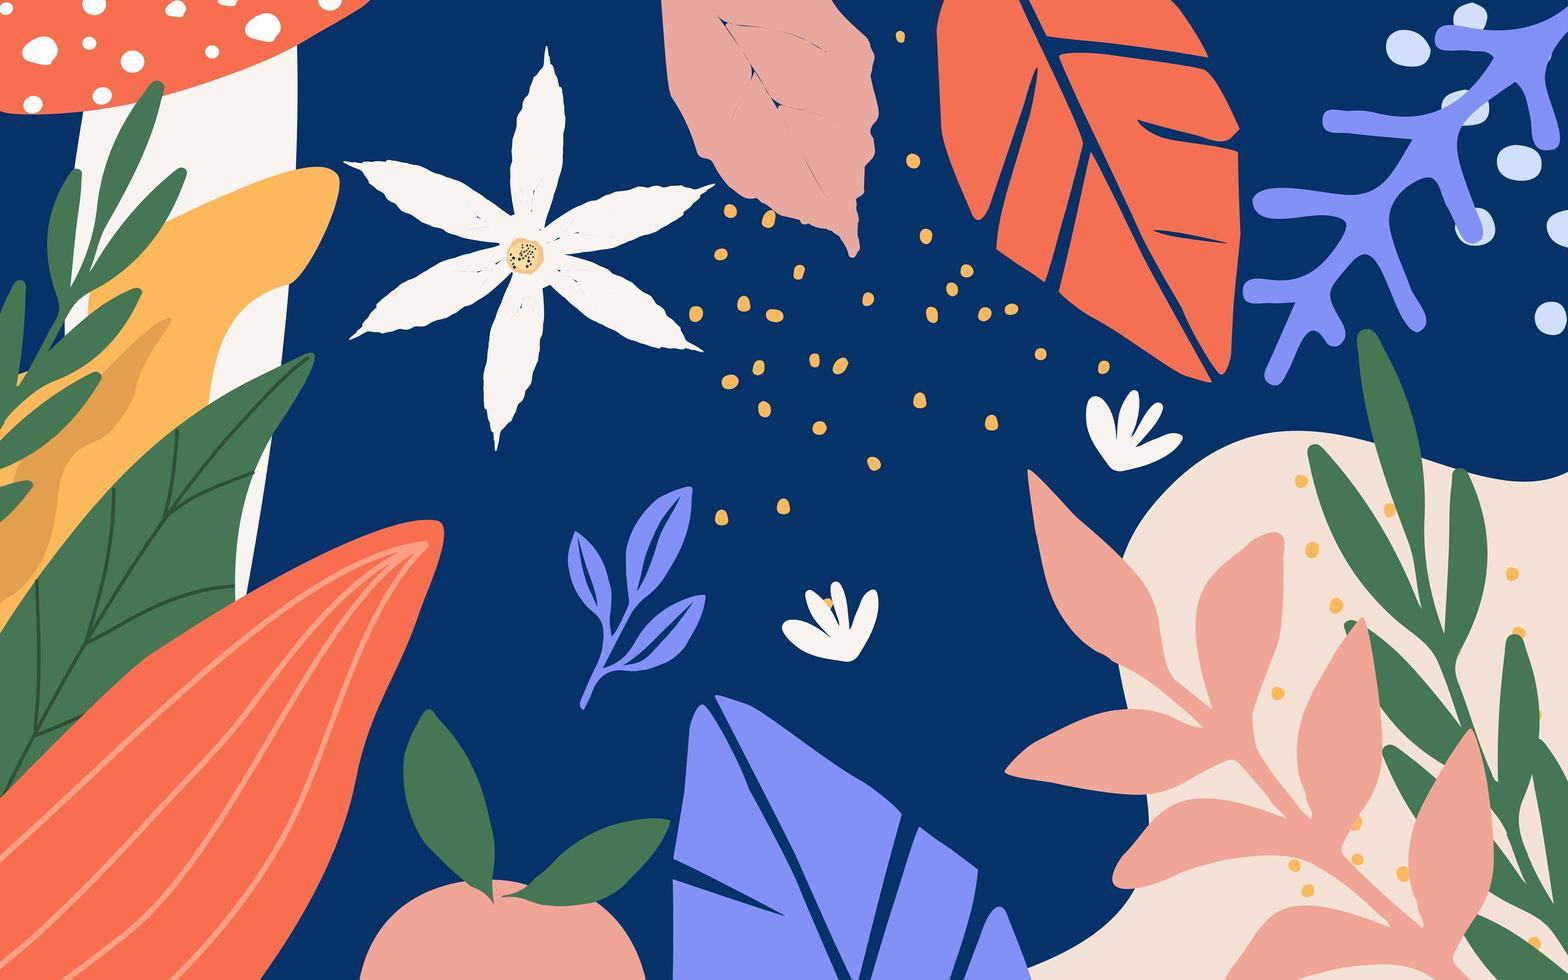 Blätter und Blumen Poster Hintergrund vektor